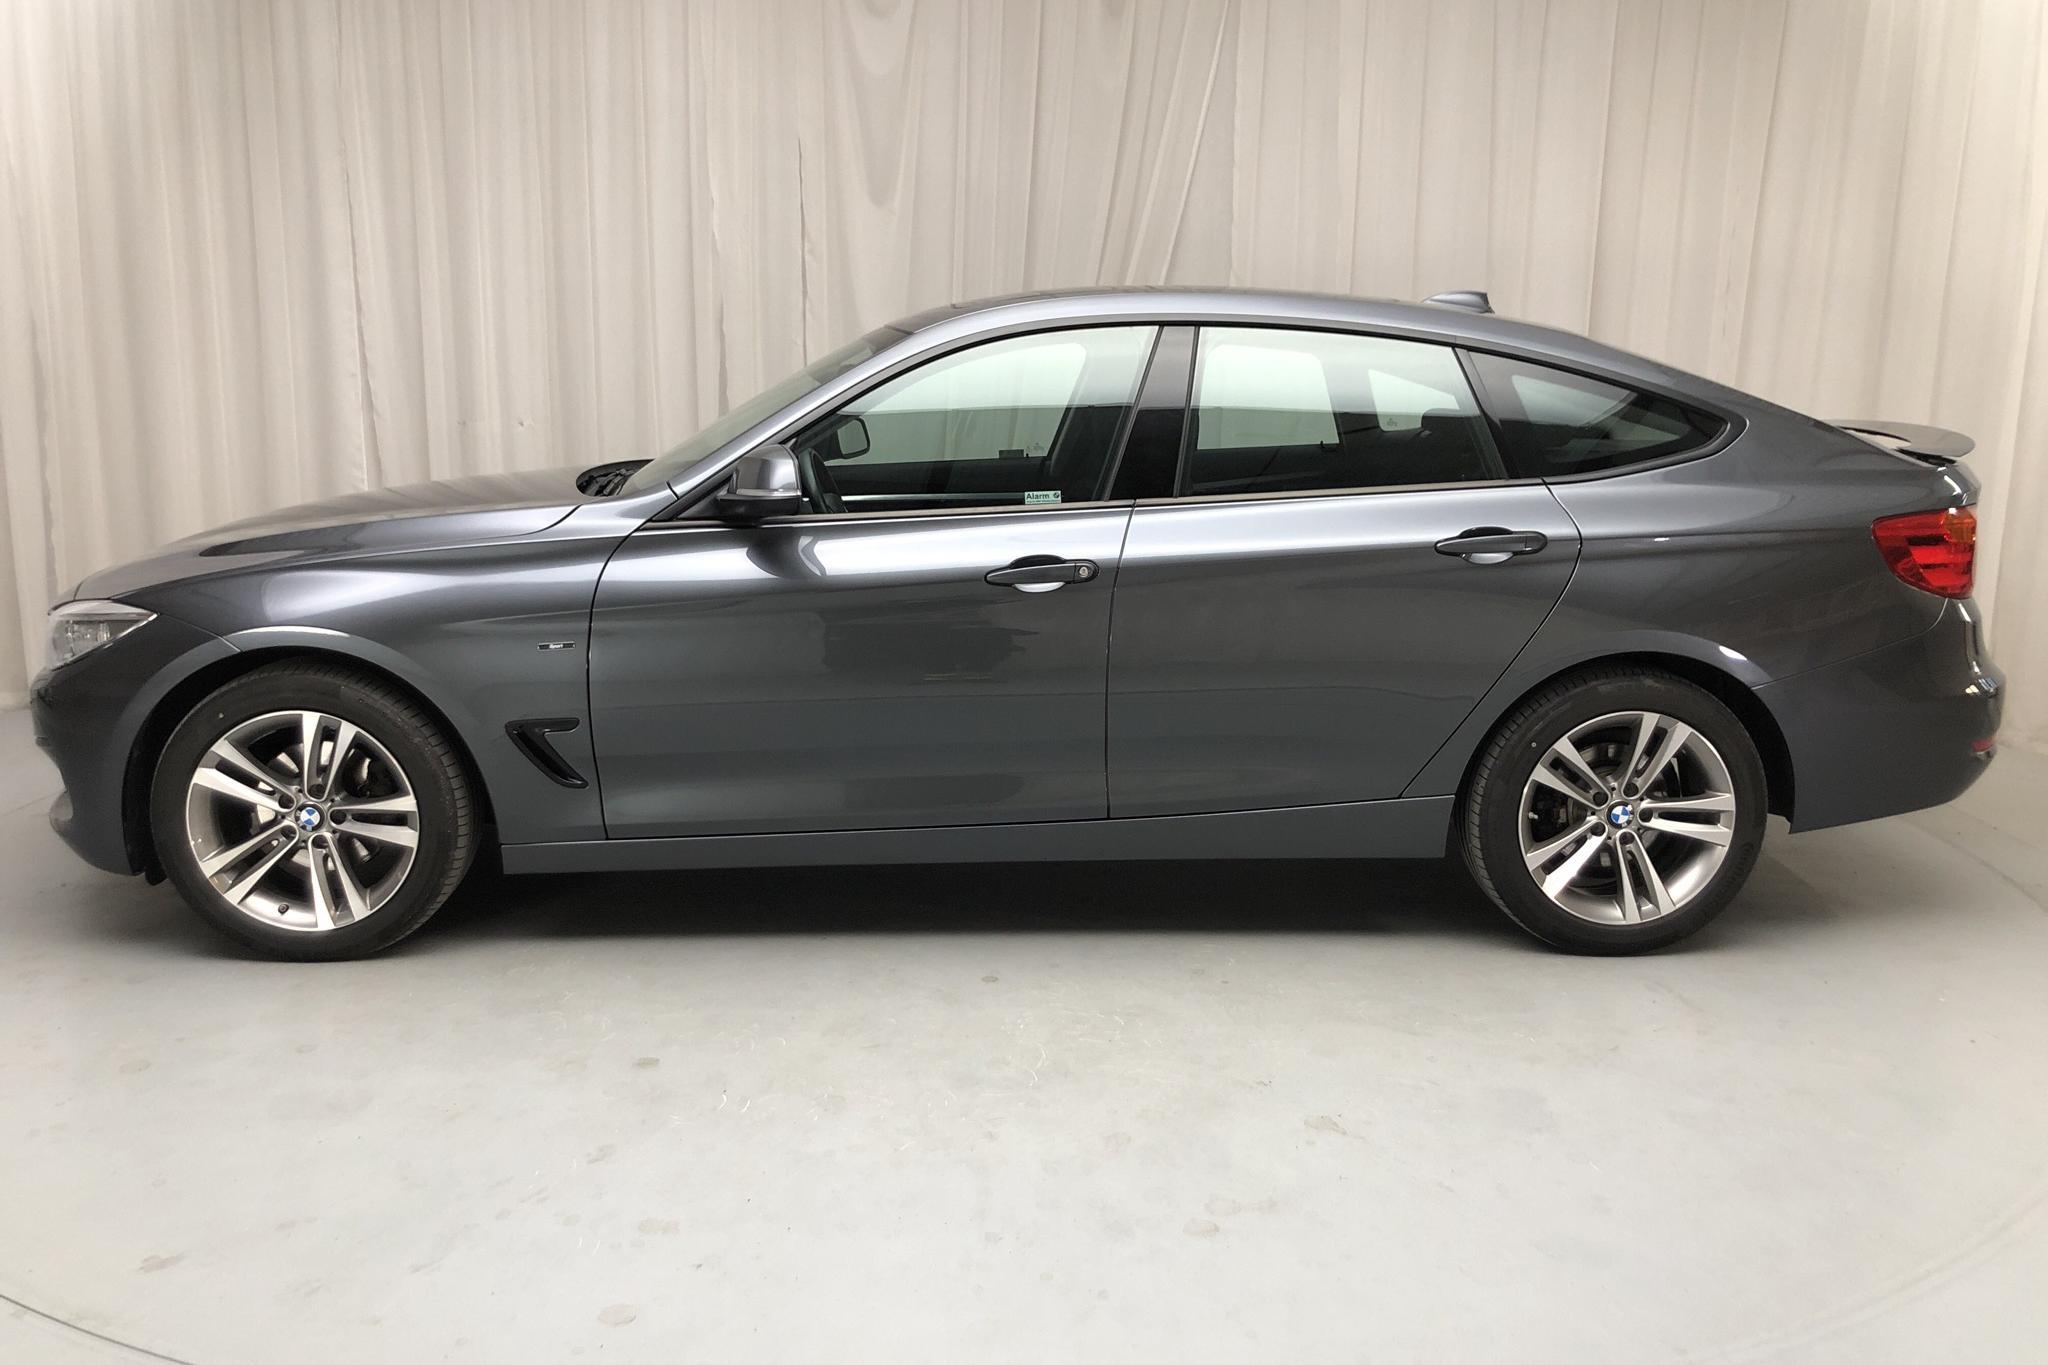 BMW 320d GT xDrive, F34 (184hk) - 16 724 mil - Automat - grå - 2015